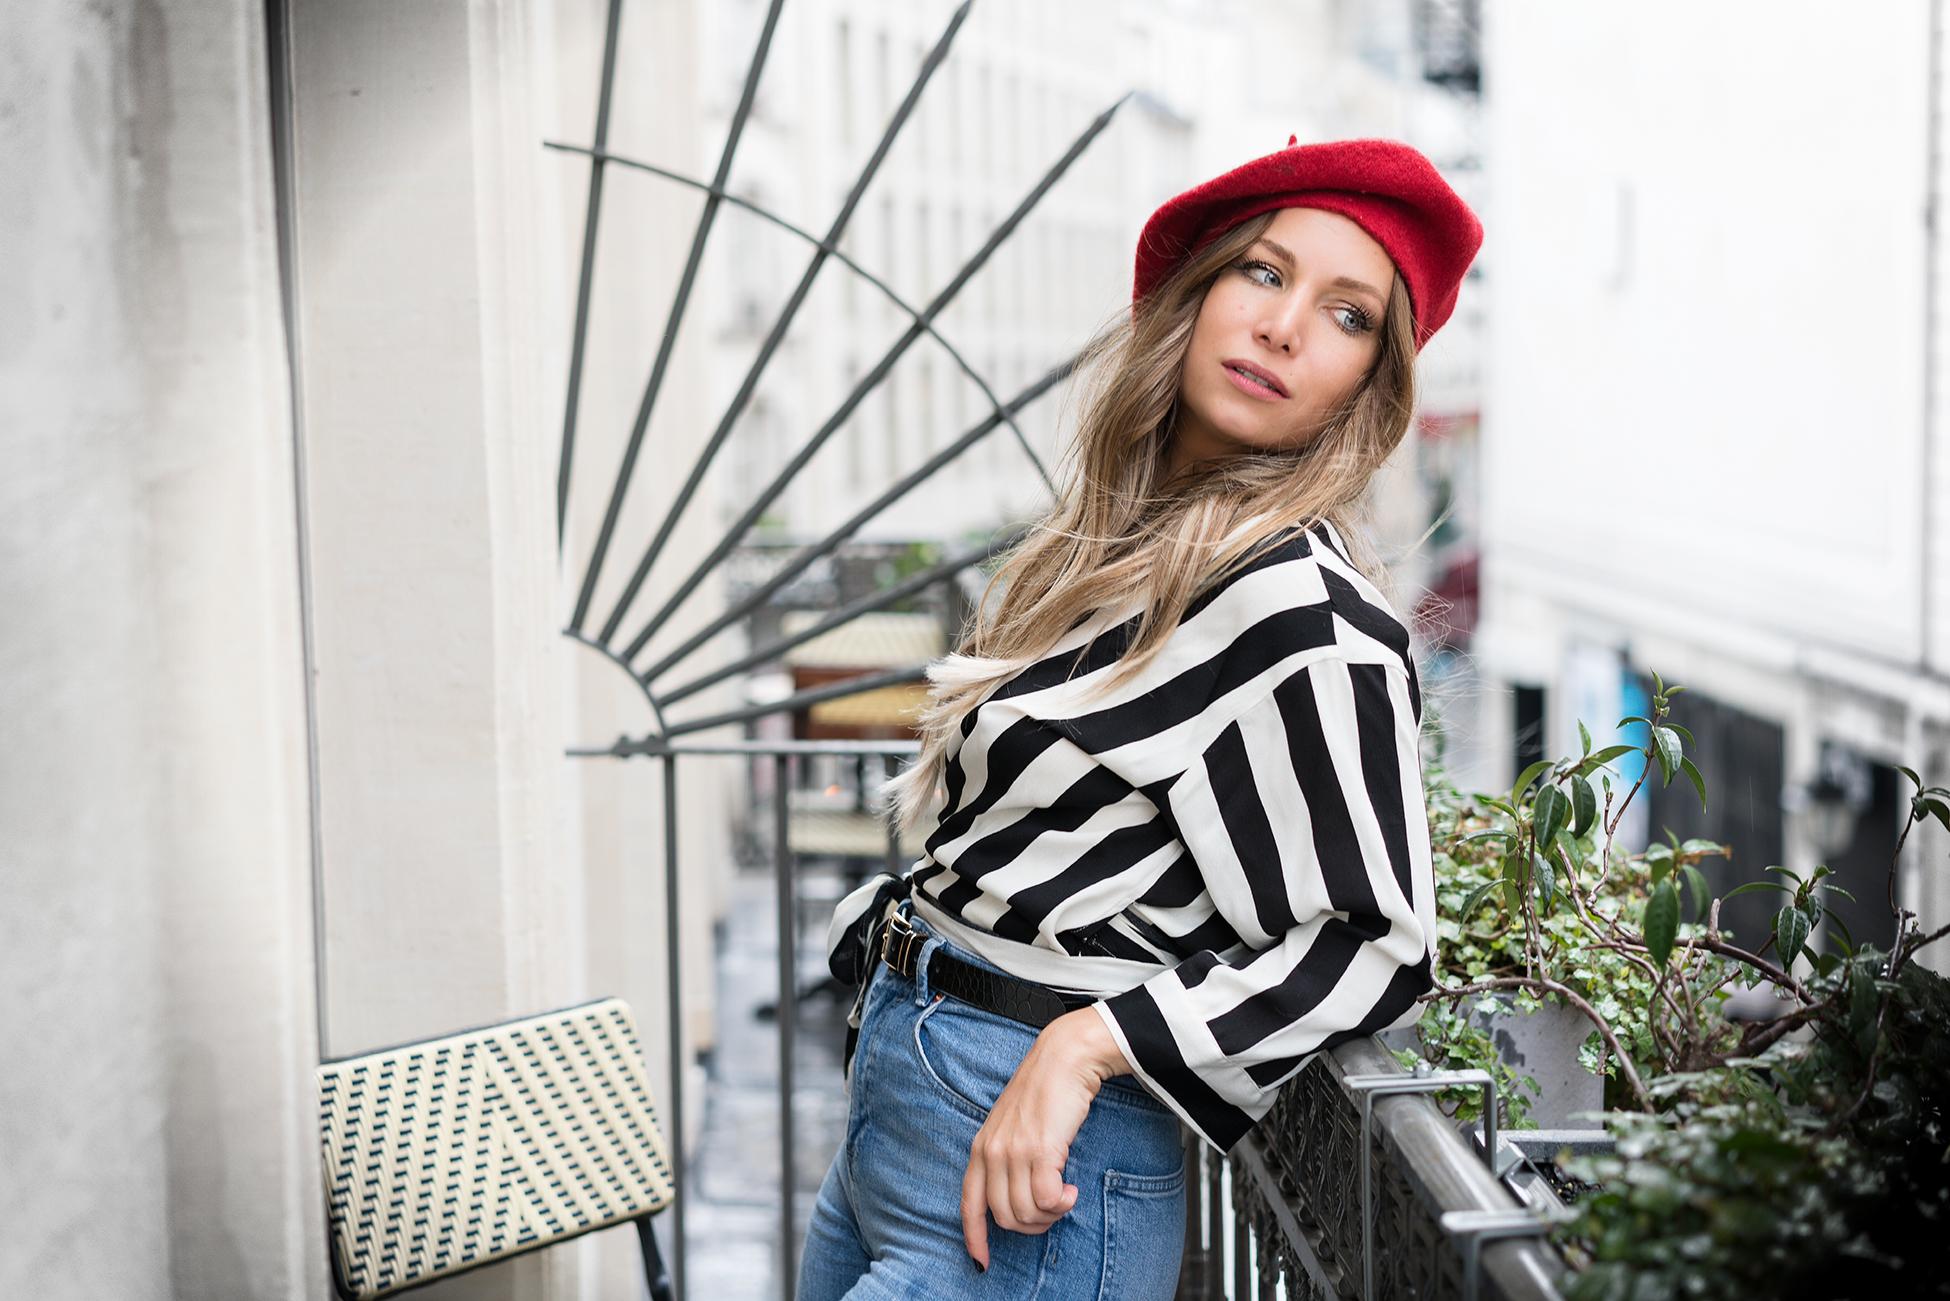 comment porter le beret beautiful un look citadin so parisian avec un bret rouge un pull rouge. Black Bedroom Furniture Sets. Home Design Ideas